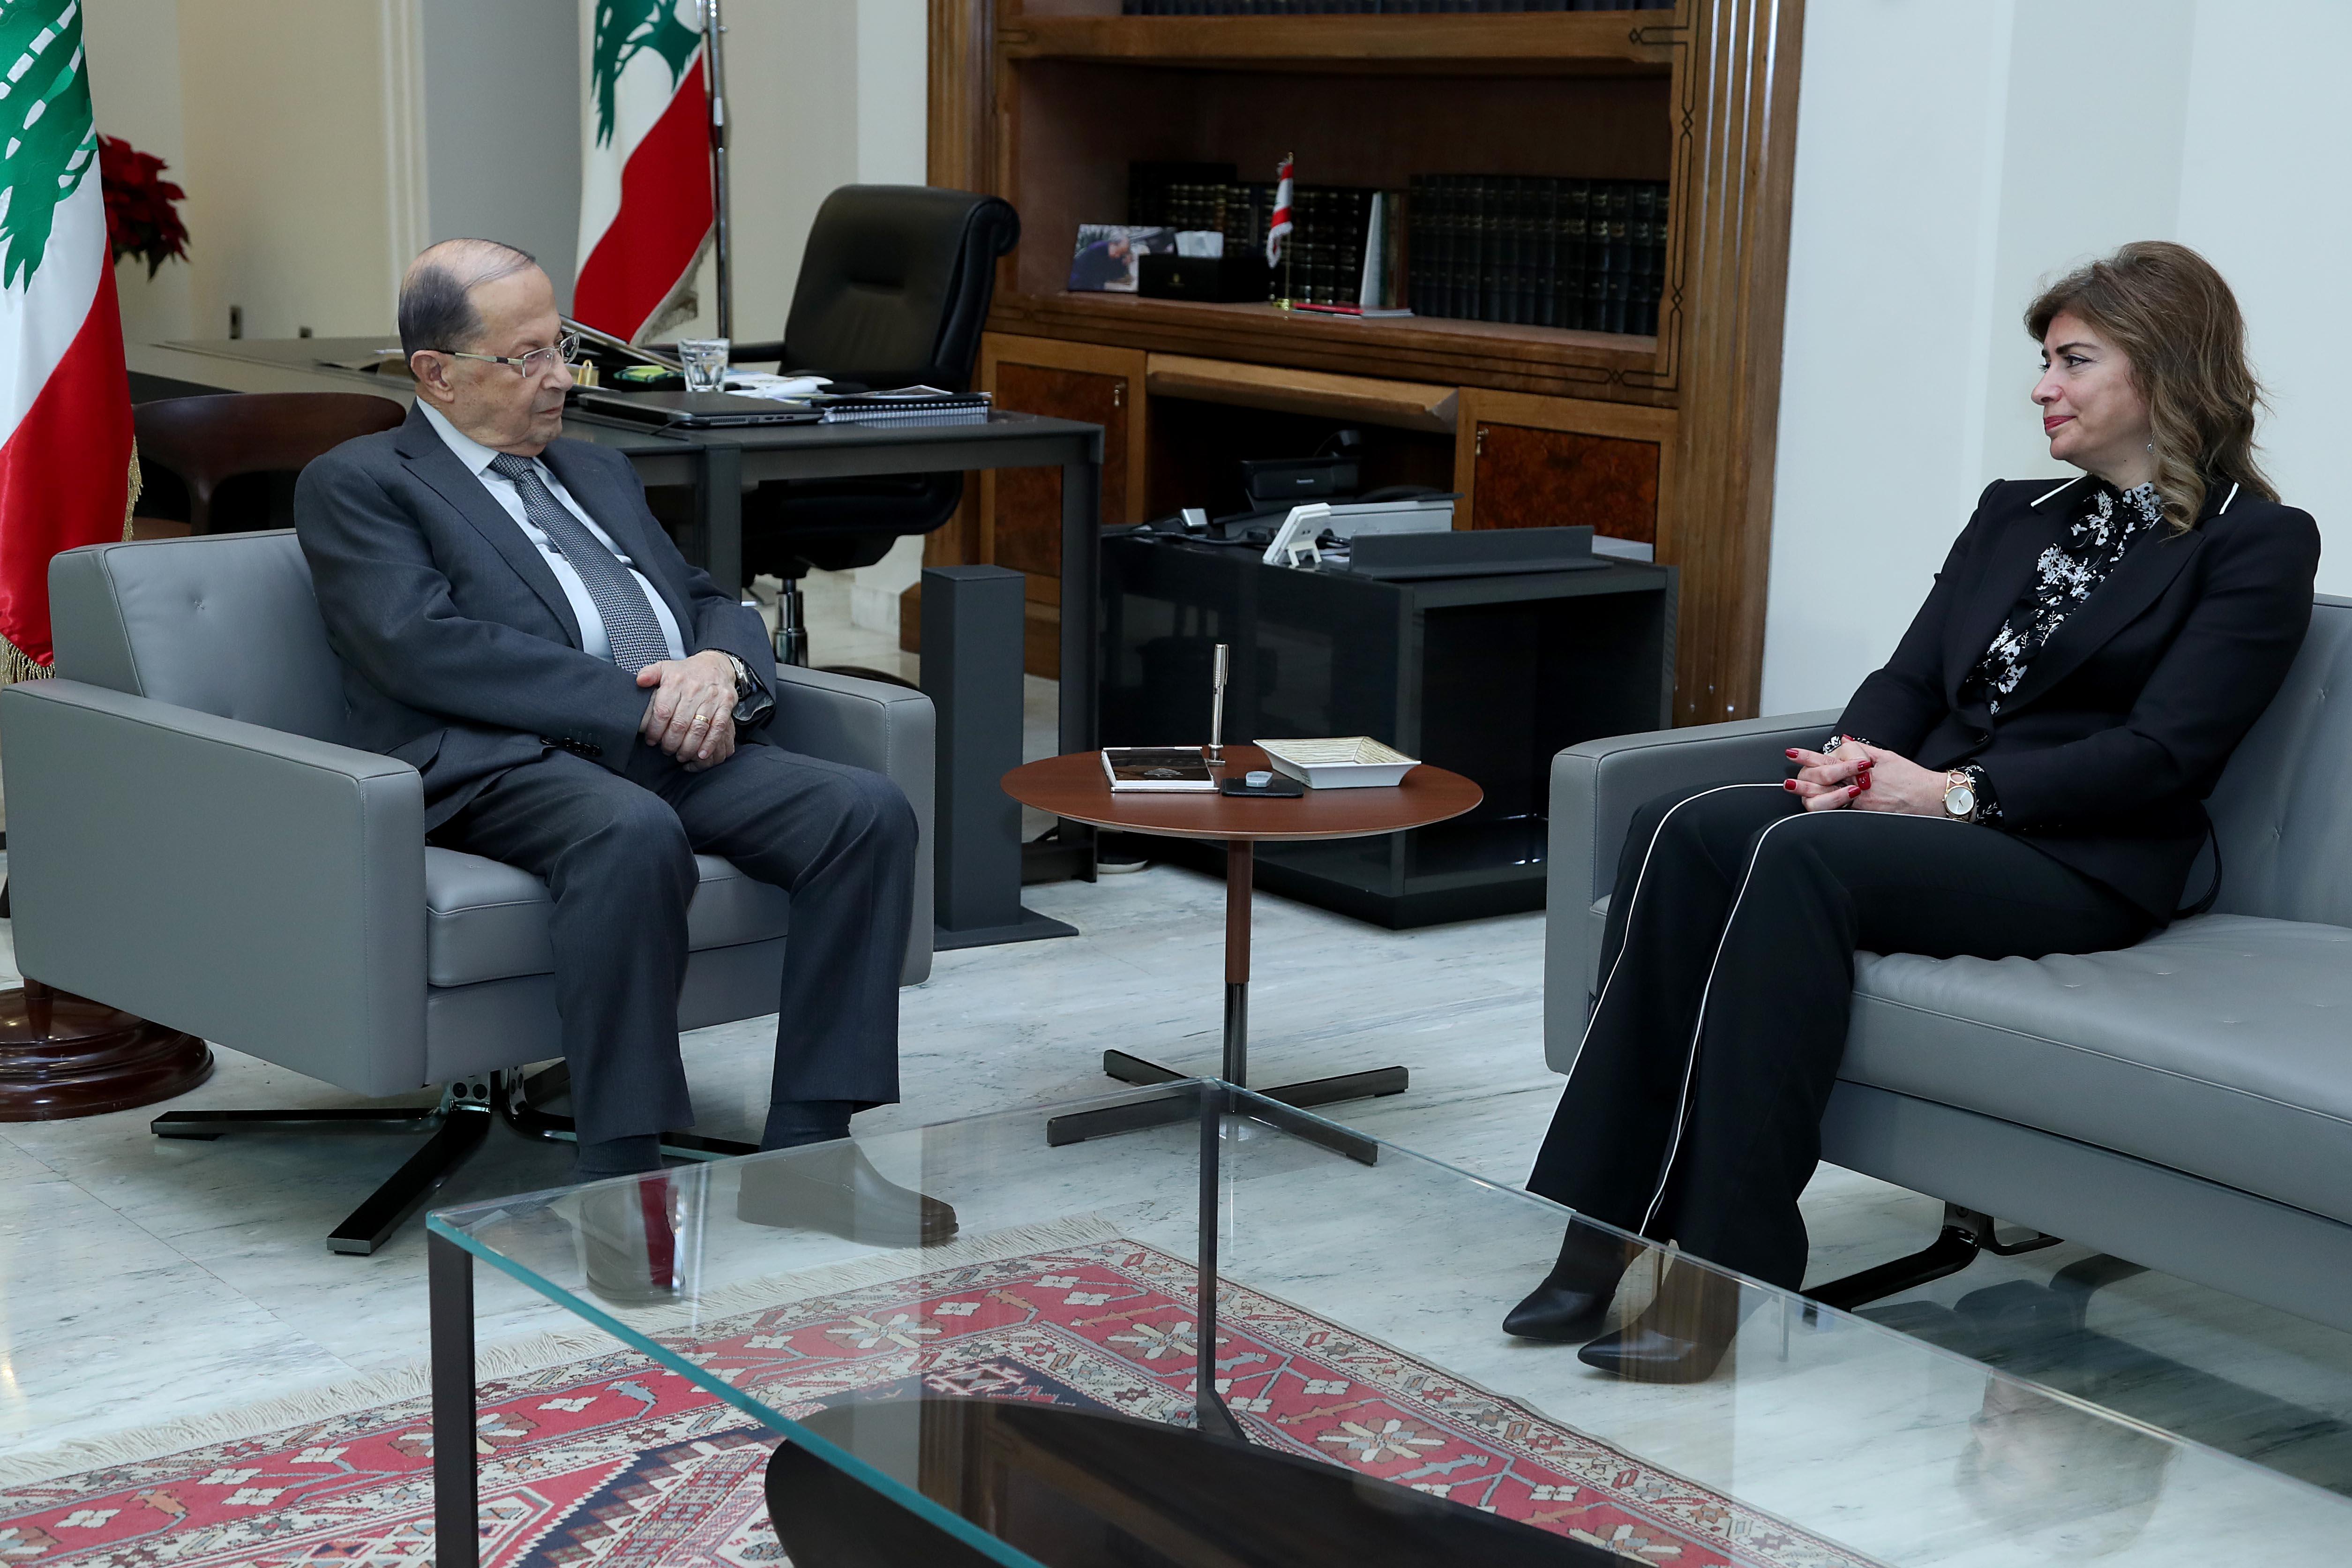 2 - Ambassador Milia Jabour